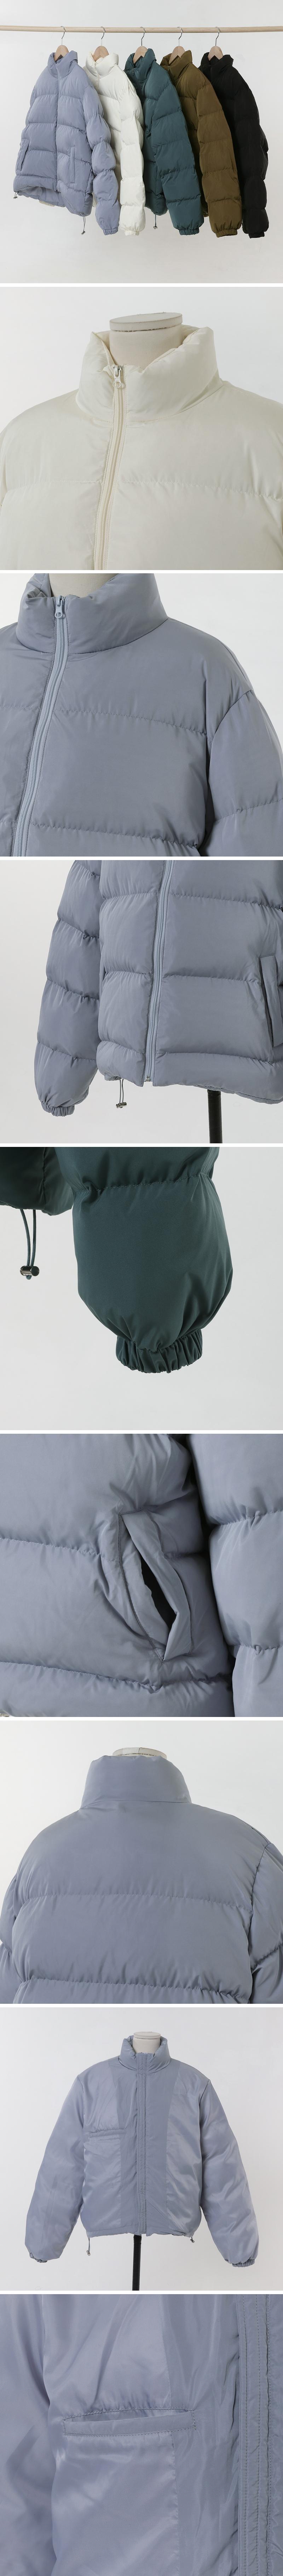 Monshell Duckdown Padded Jacket